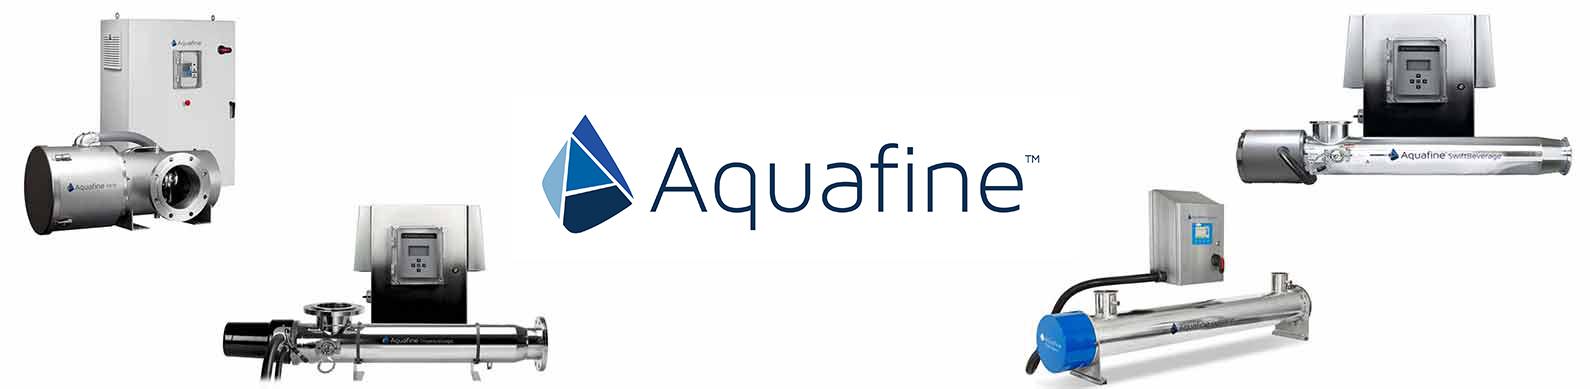 aquafine-banner-new.jpg